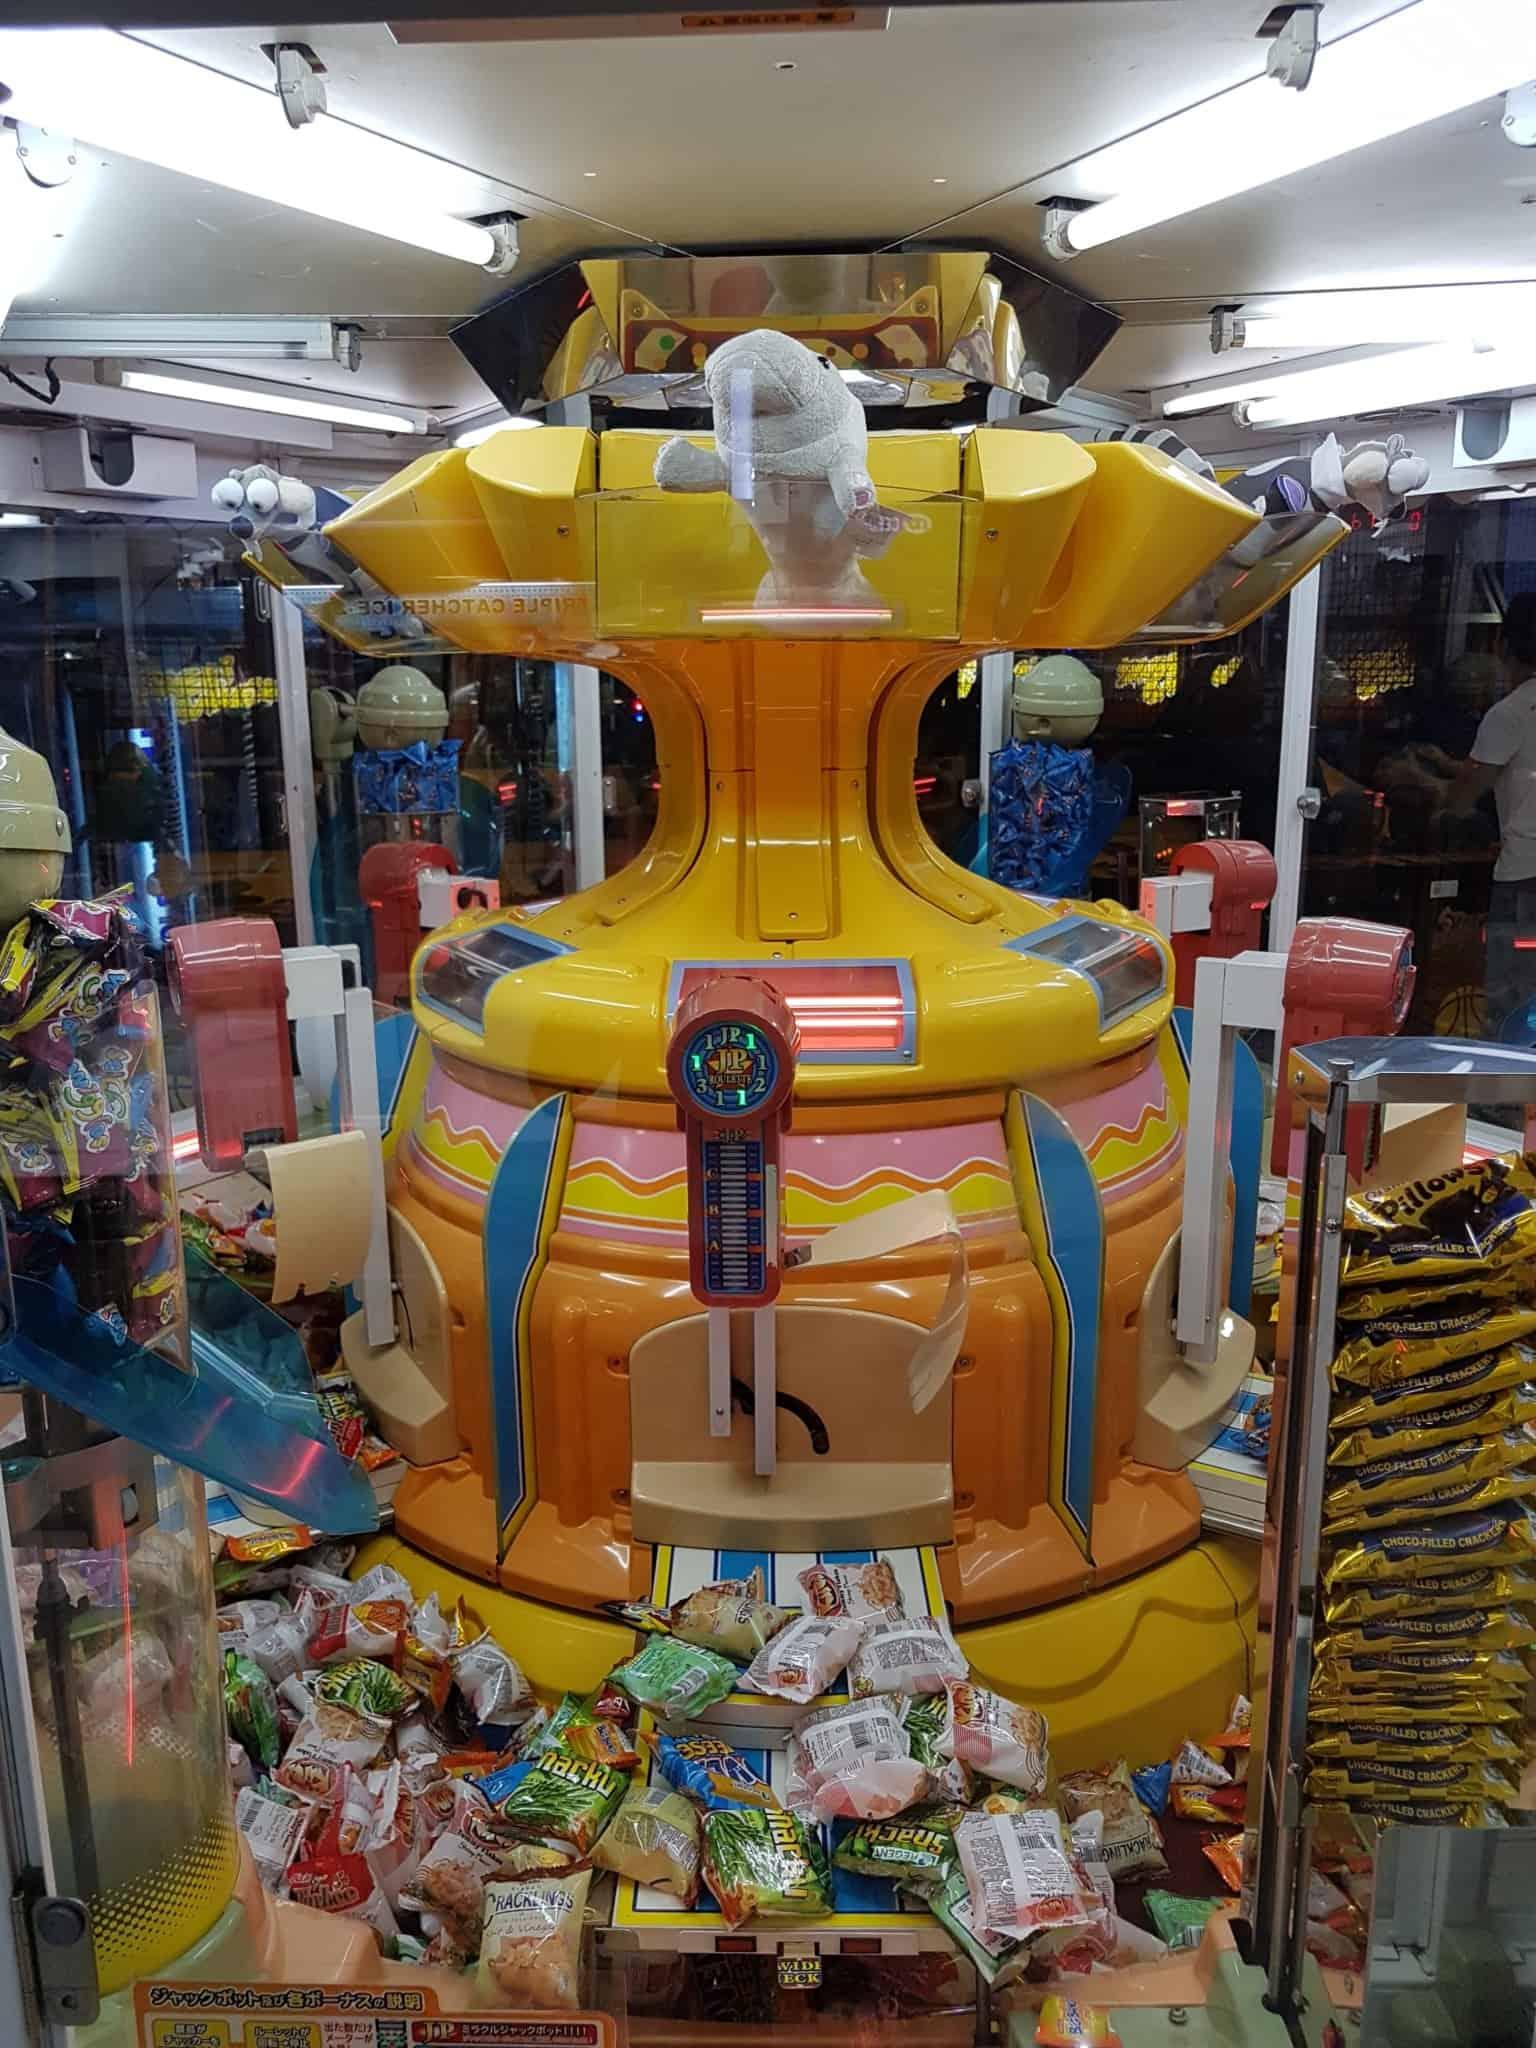 Philippines, deux jours de délires dans les centres commerciaux de Cebu City 🥳 17